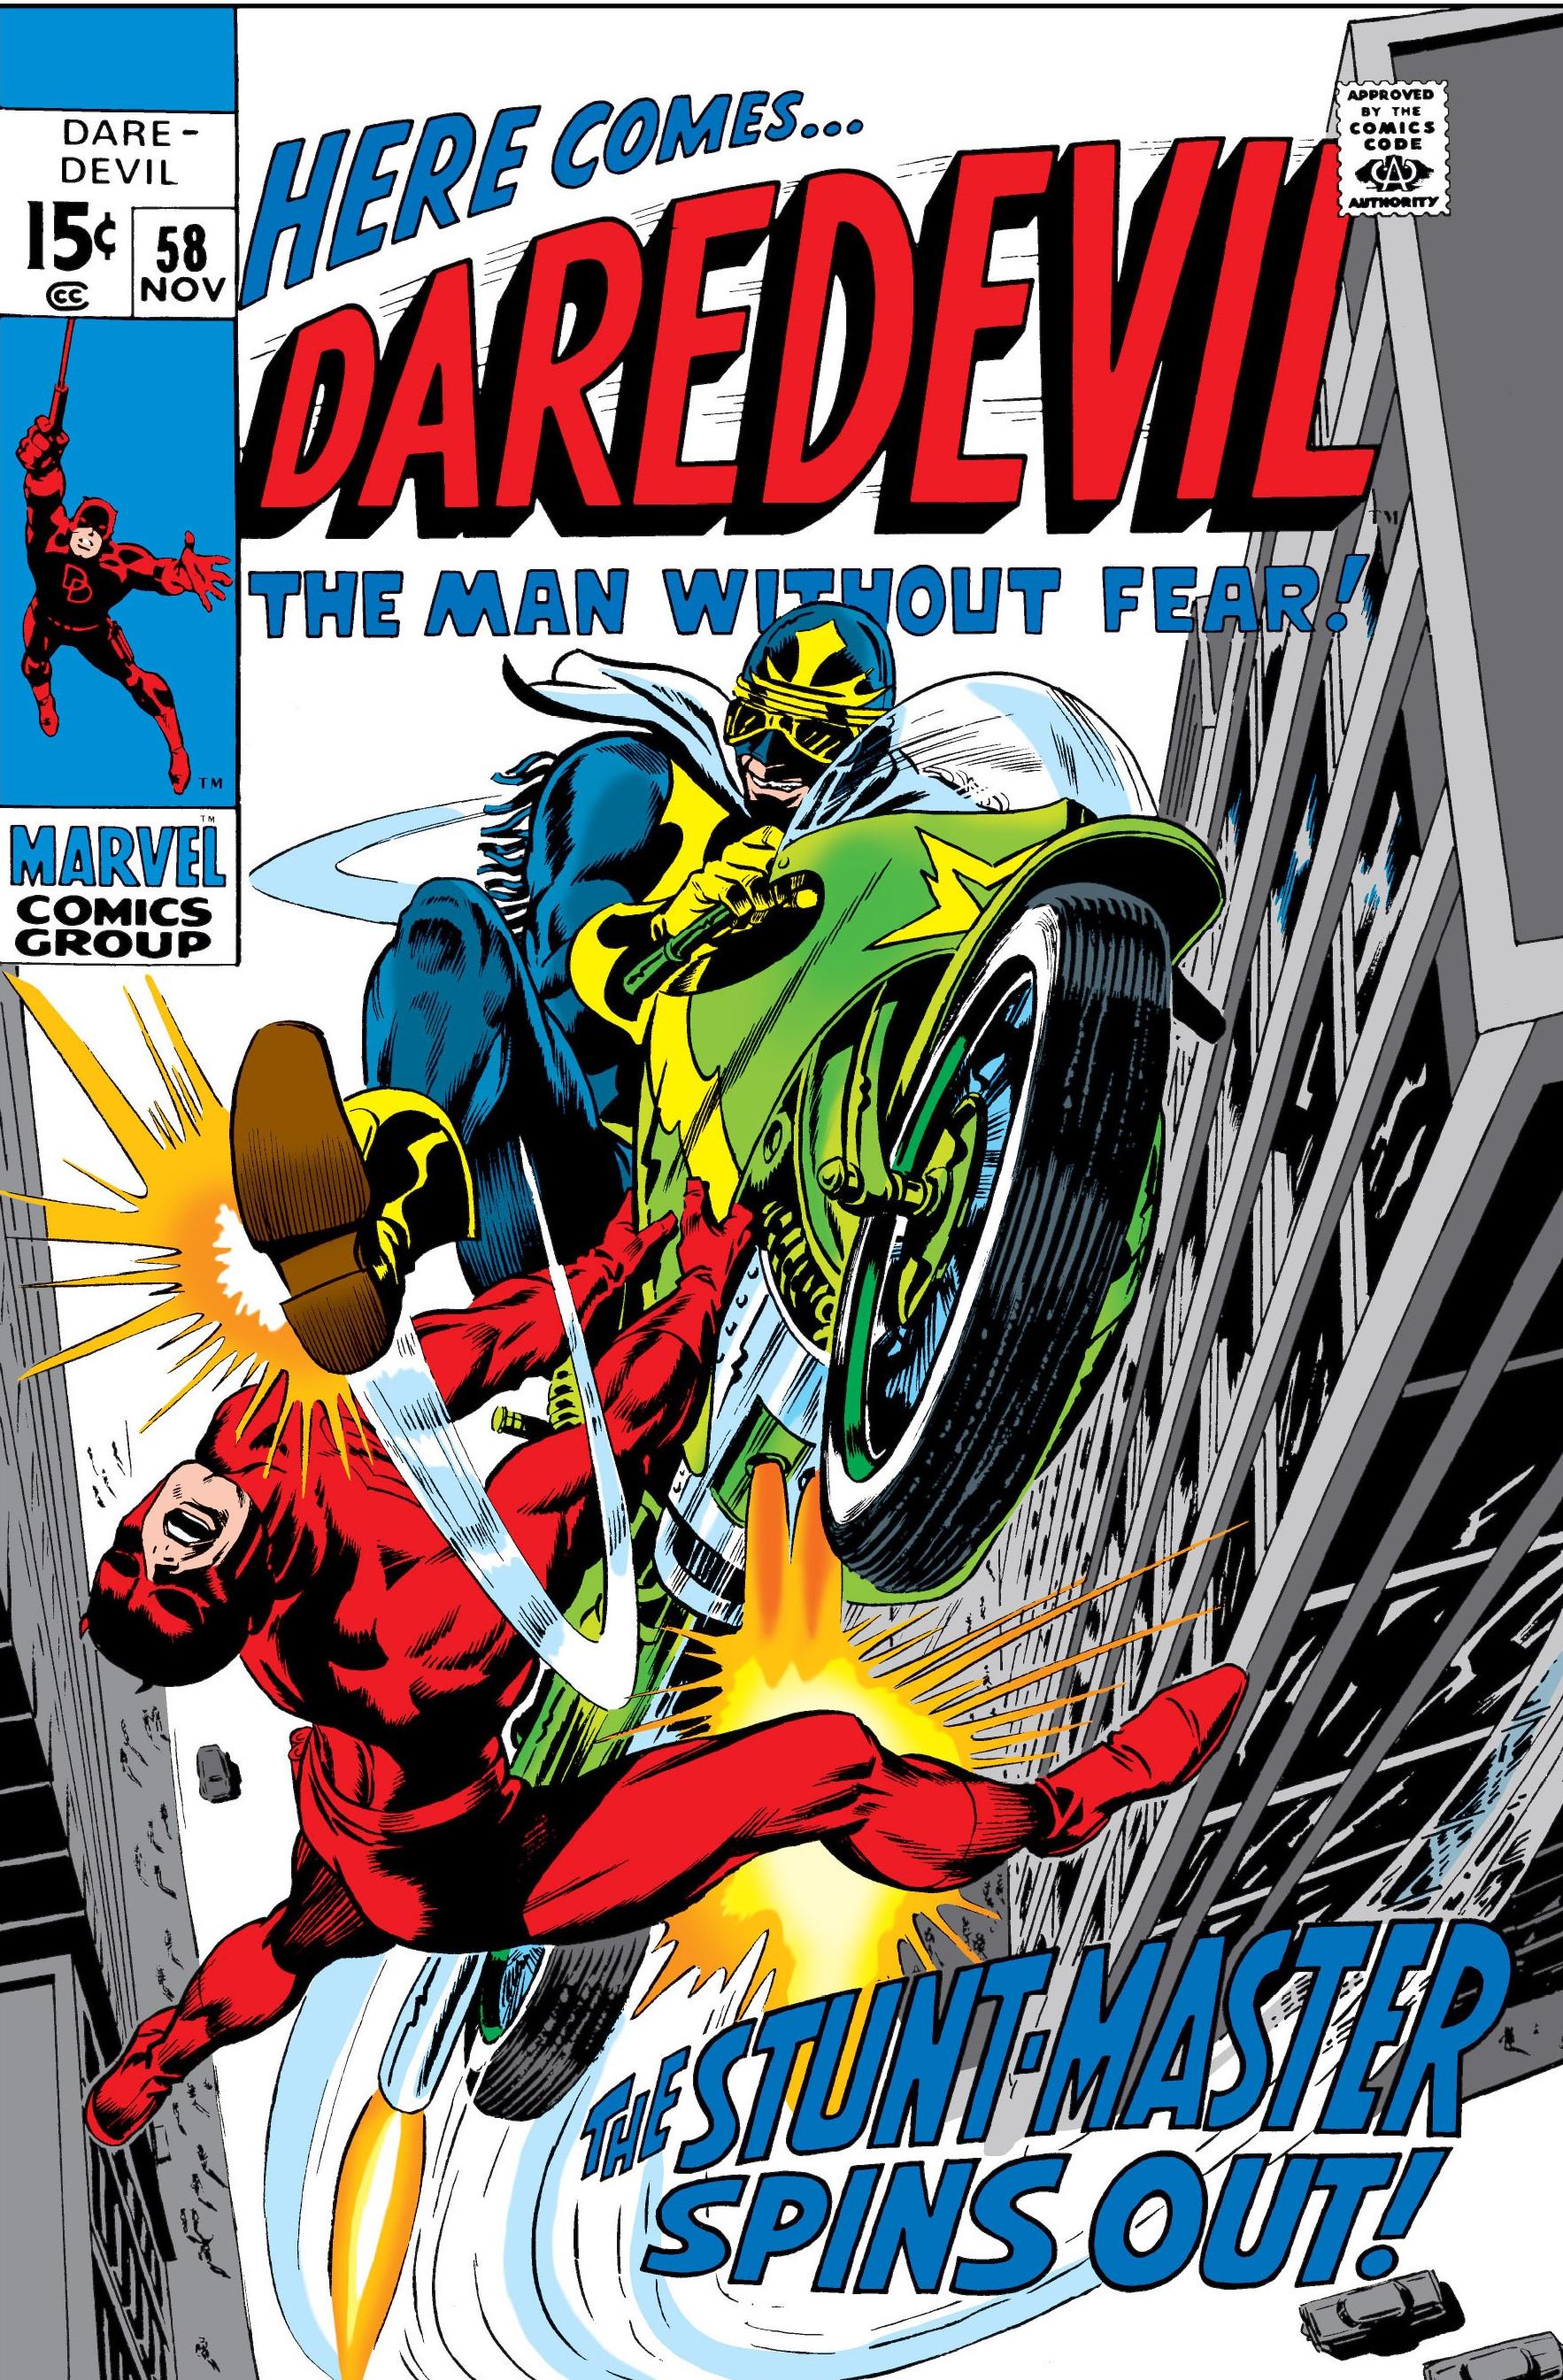 Daredevil #11 - Daredevil #58 (1969)